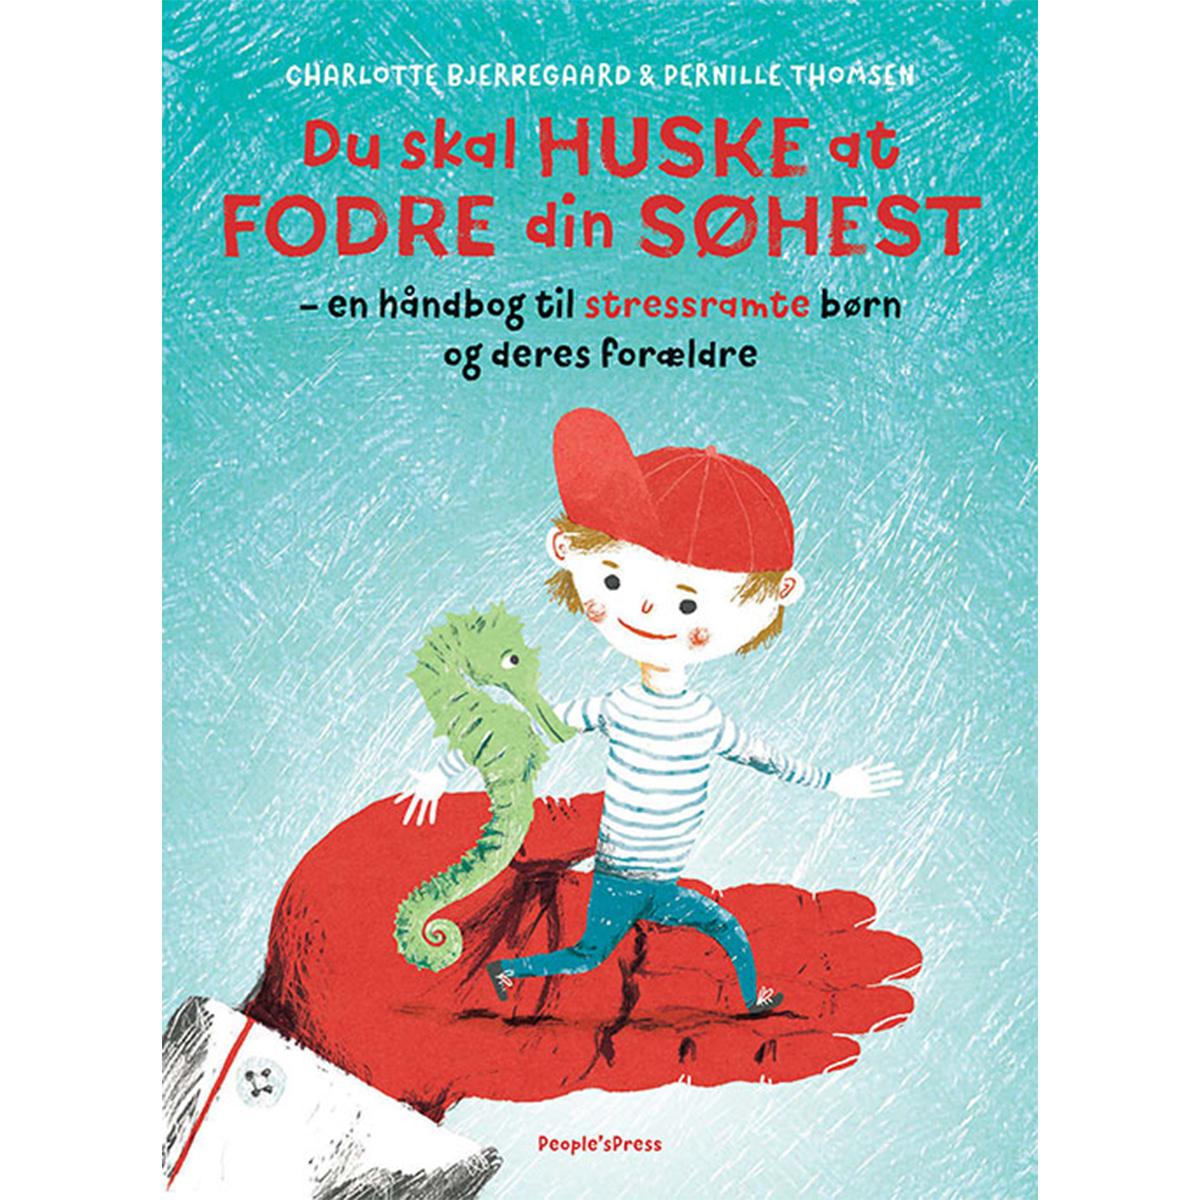 Af Charlotte Bjerregaard & Pernille Thomsen